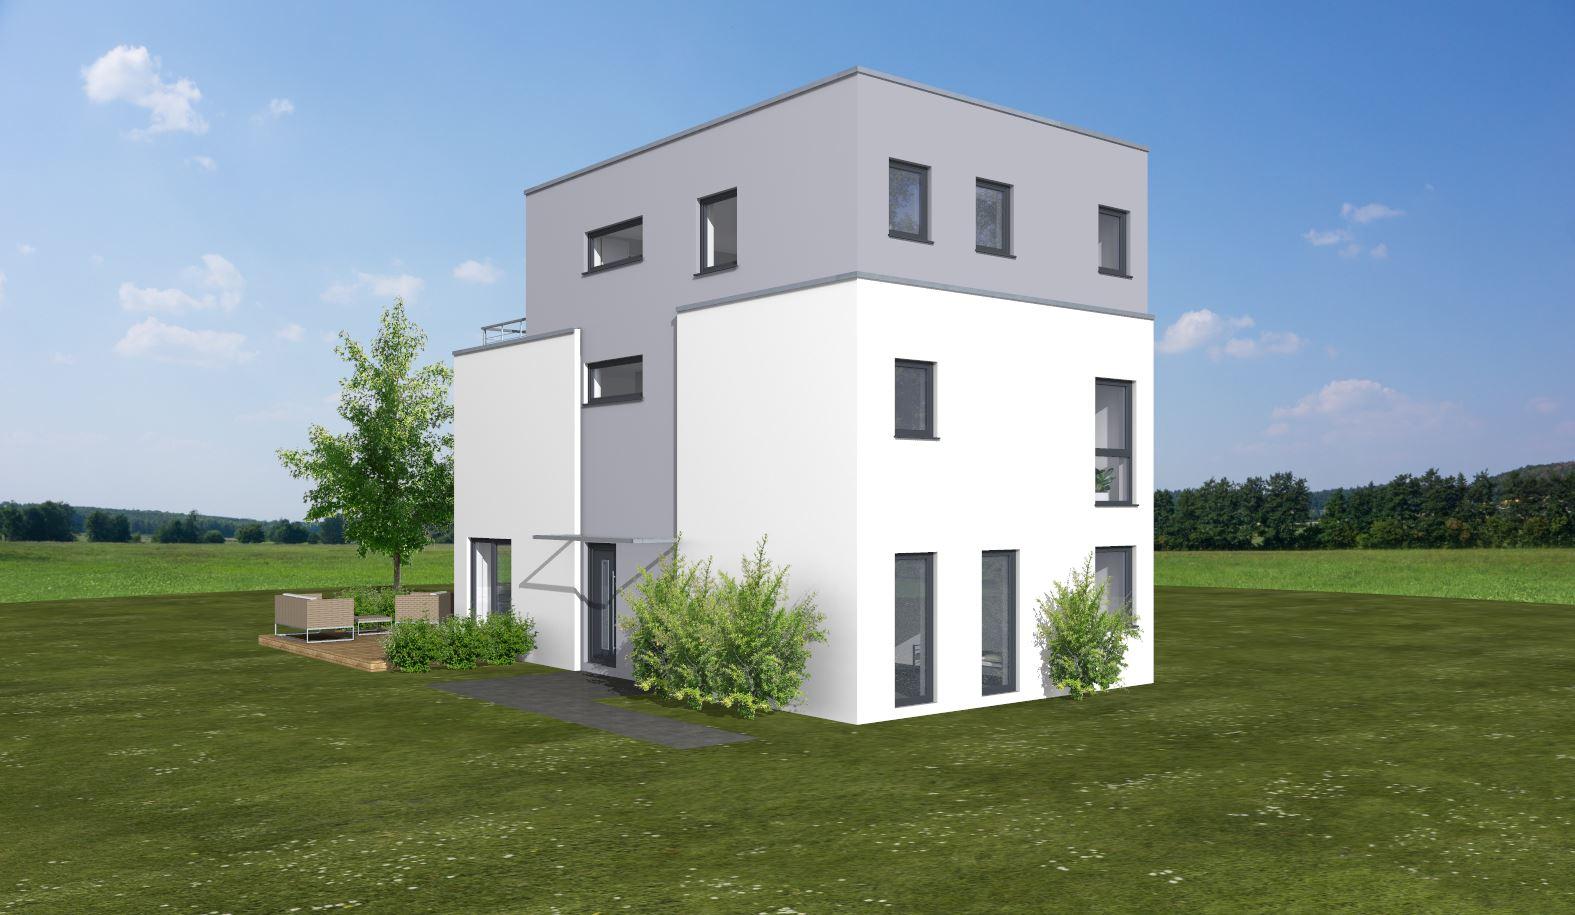 Mehrfamilienhaus im modernen Bauhaus-Stil